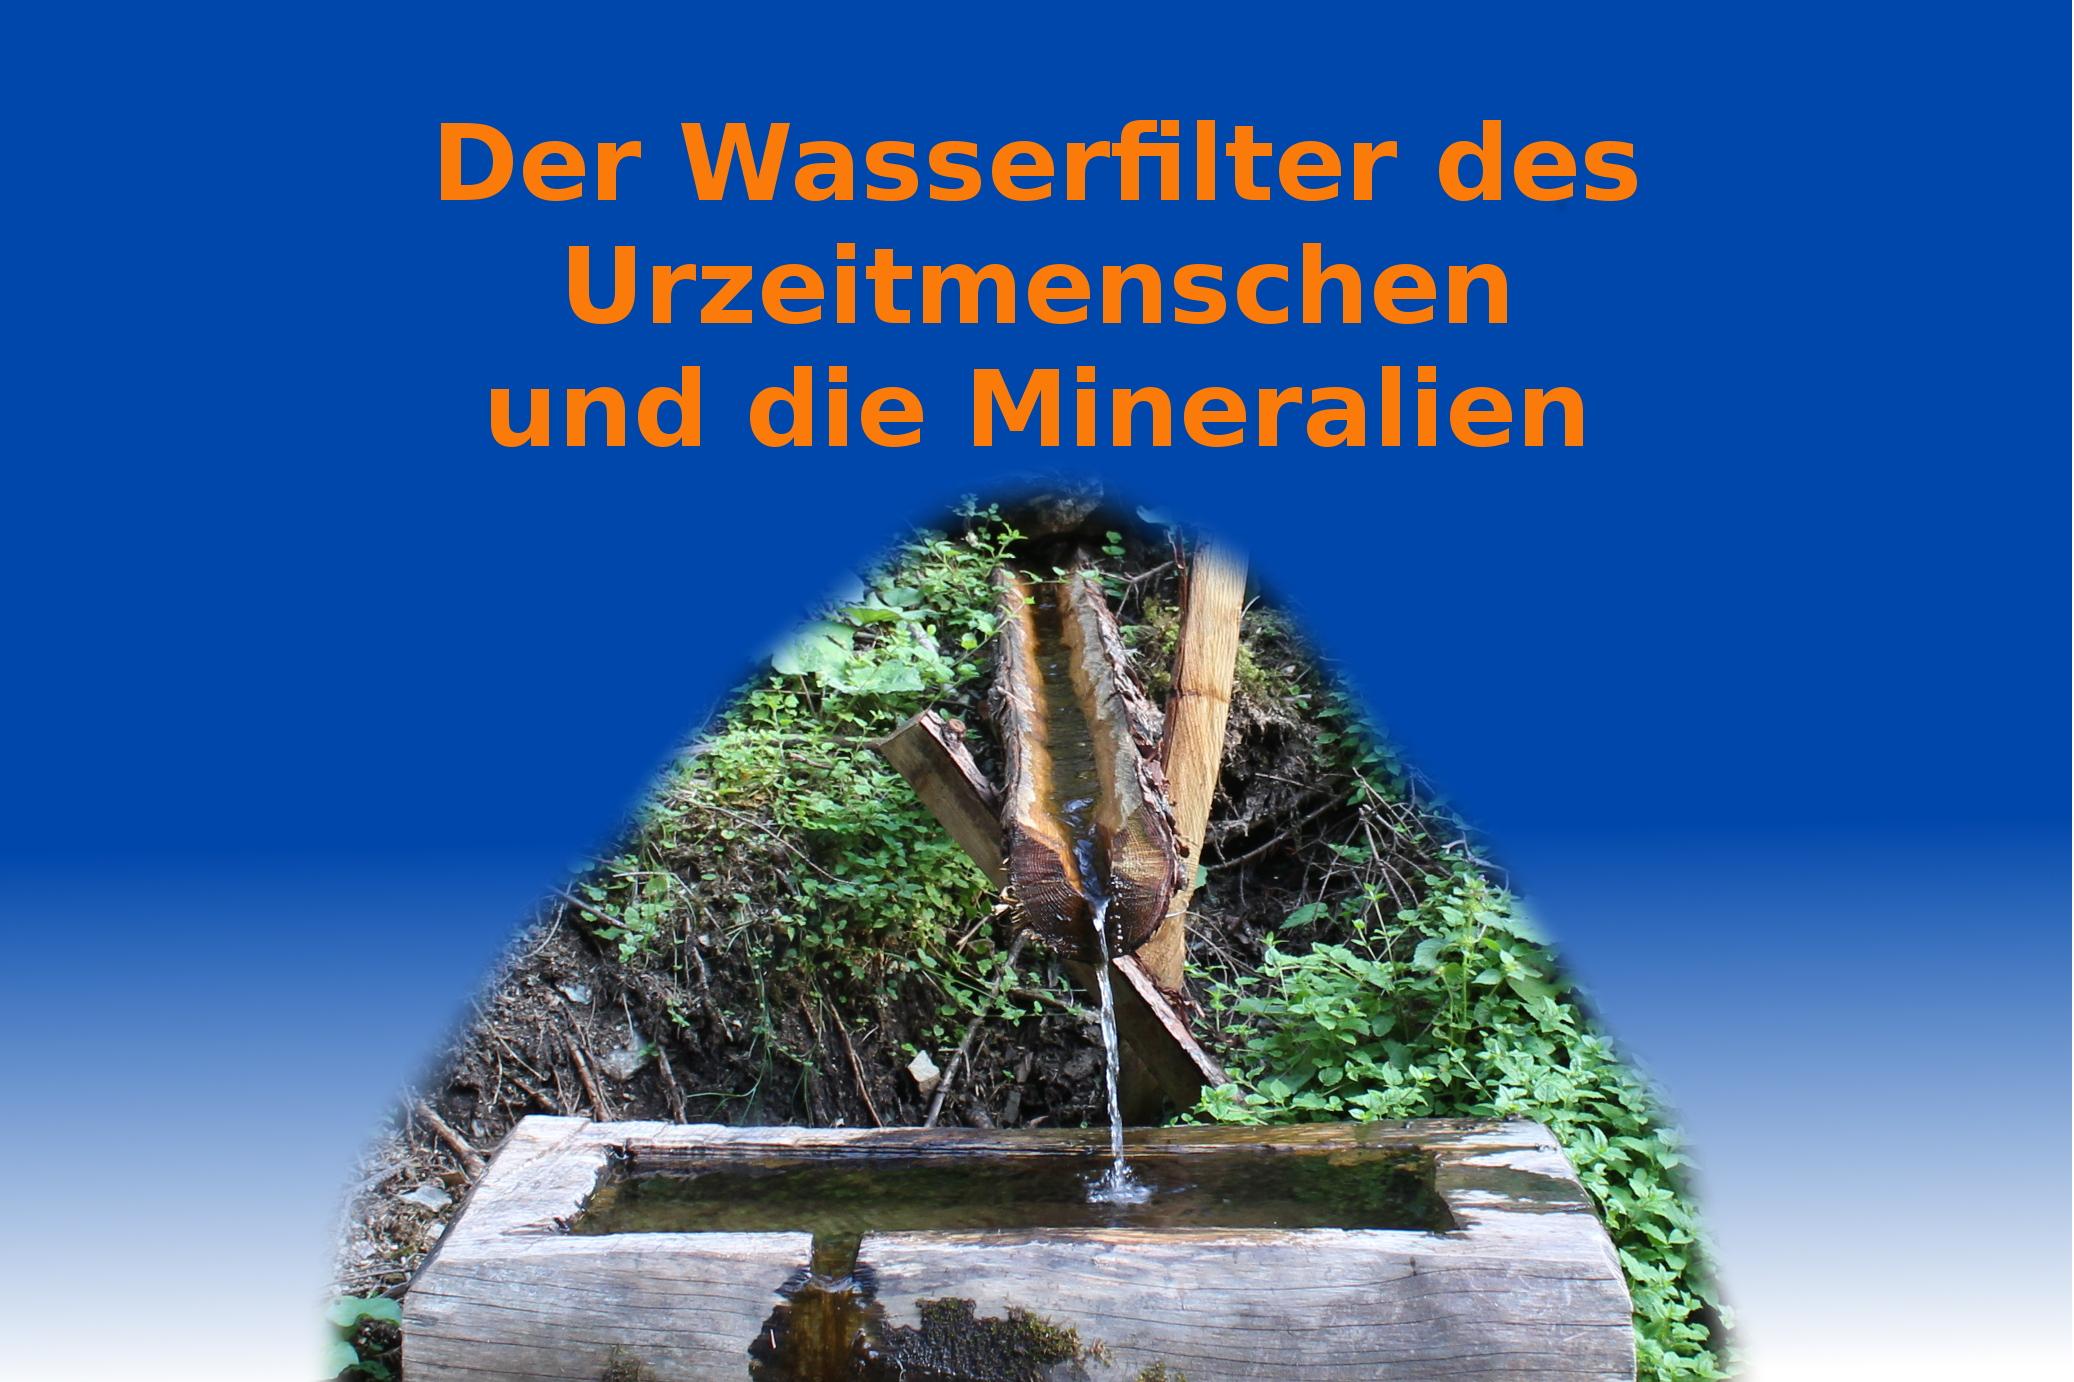 Wasserfilter und Mineralien